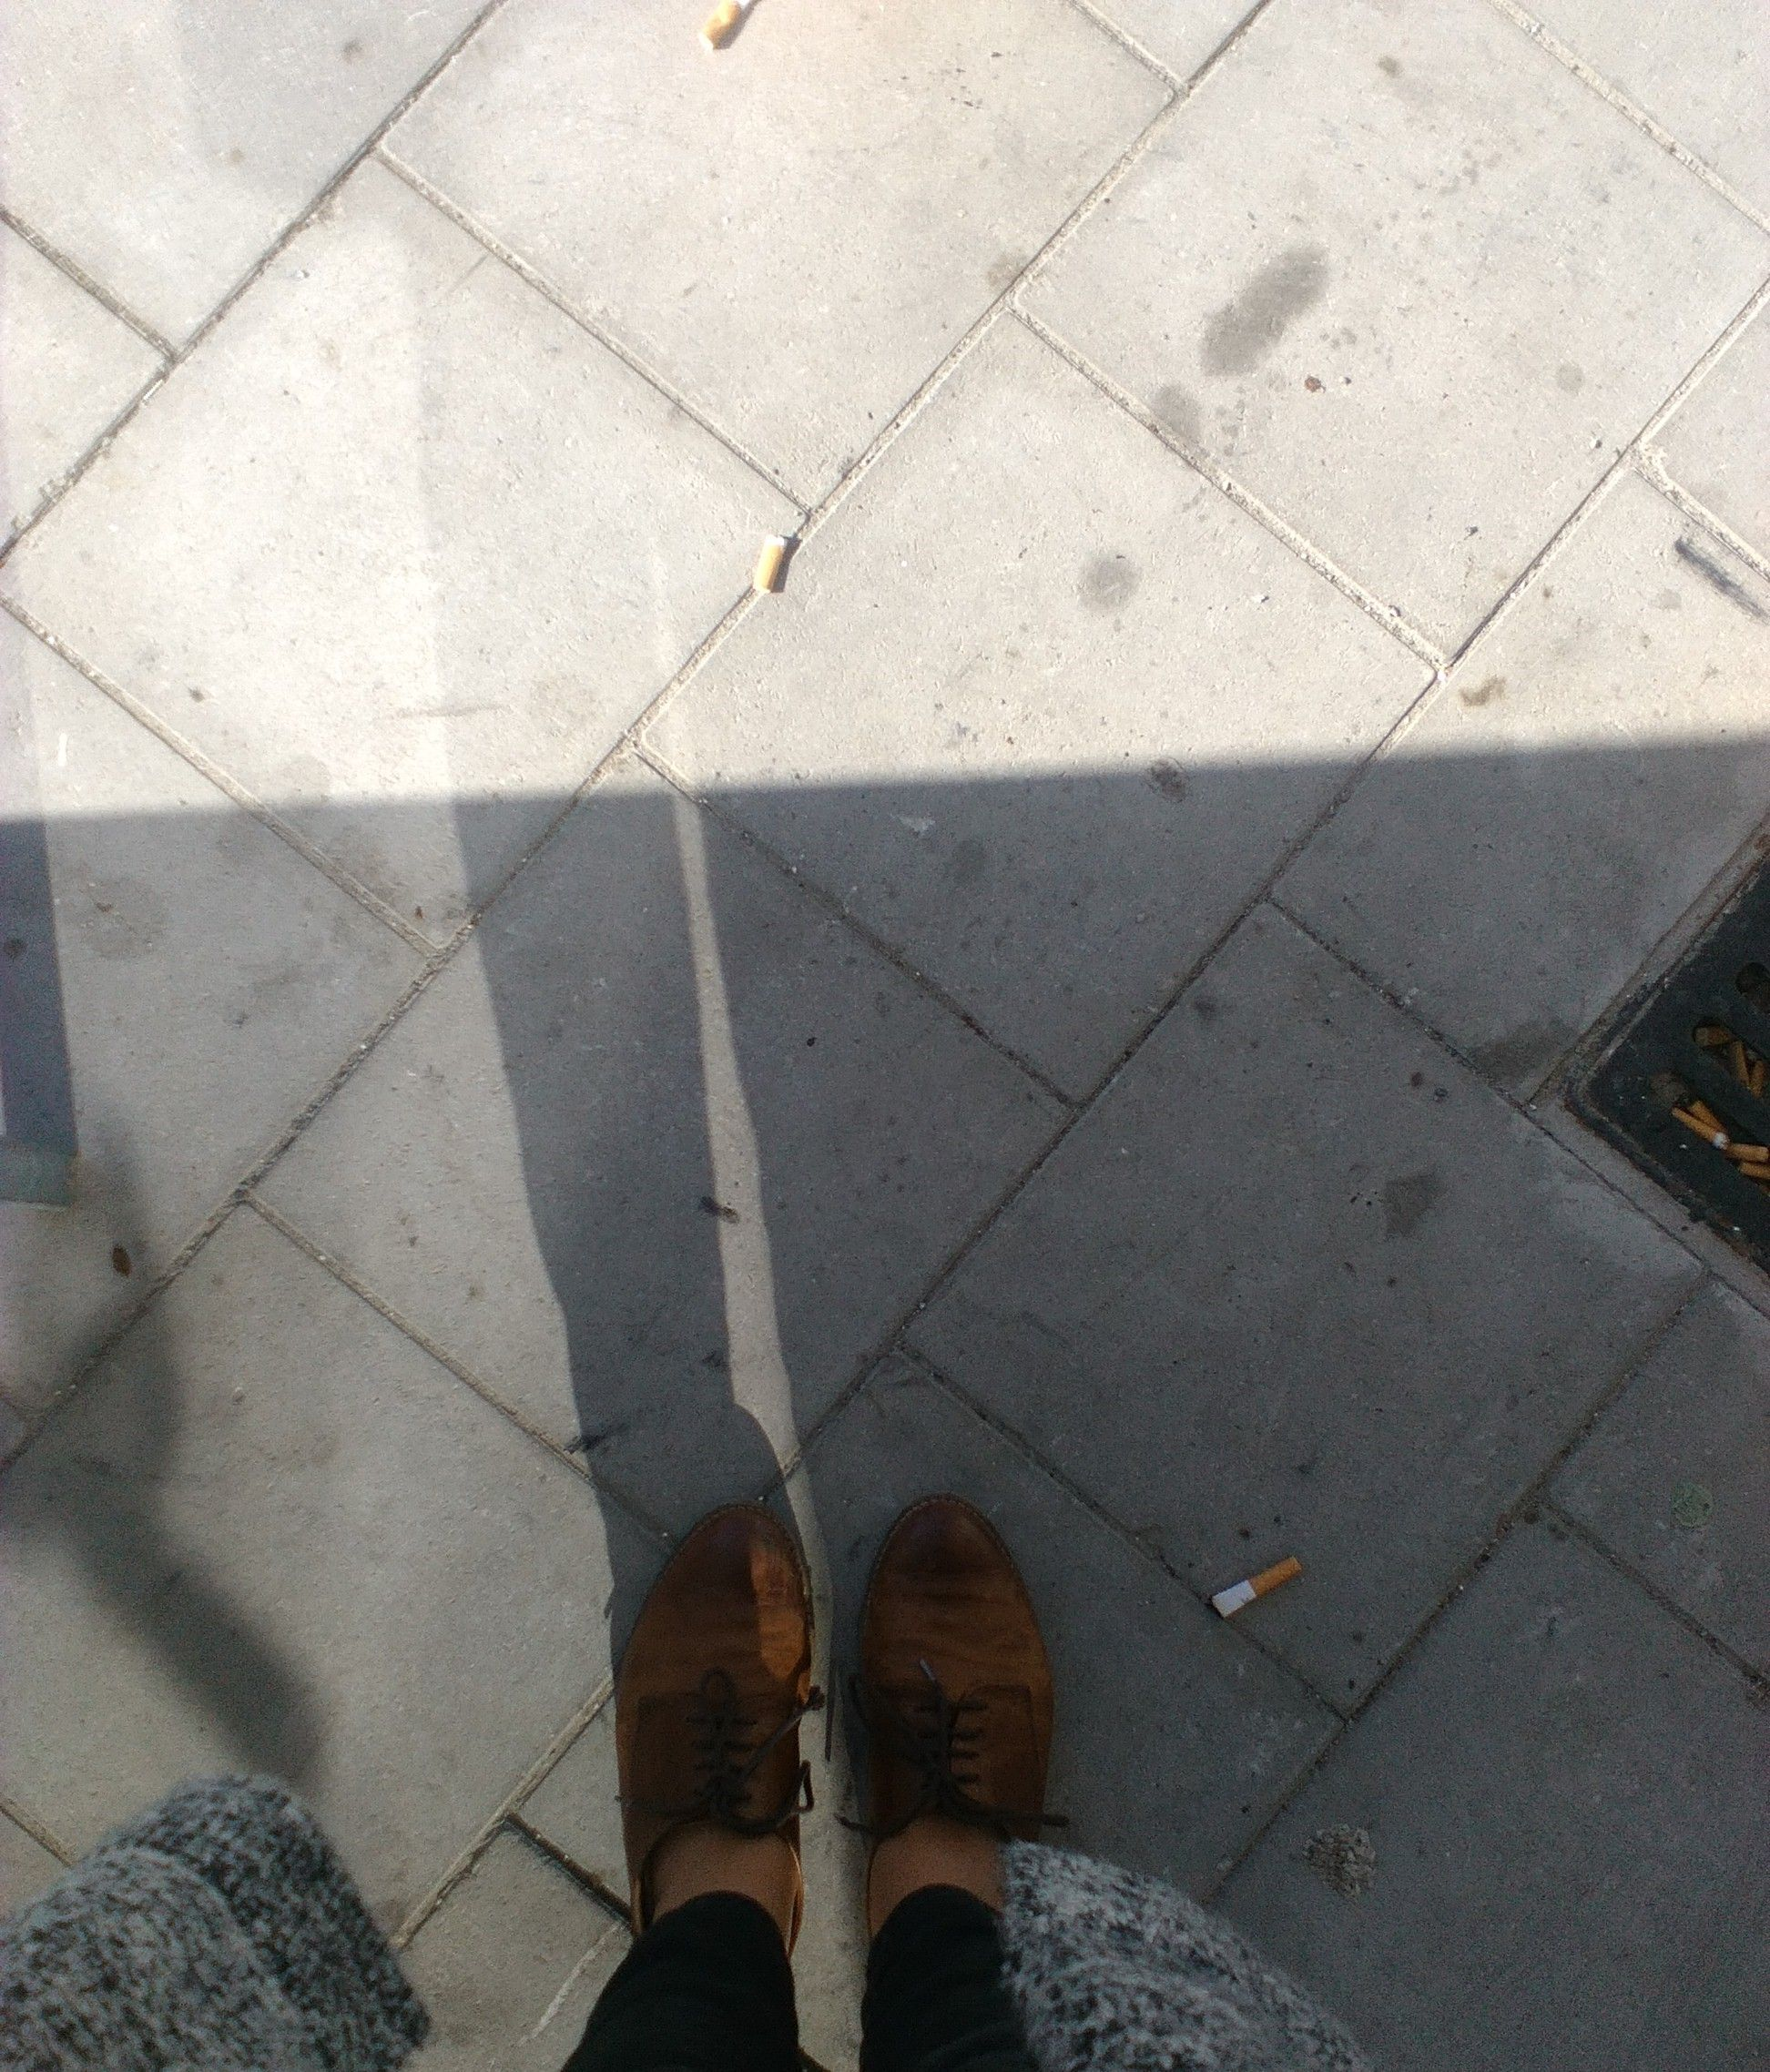 opdracht punt, lijn en vlak - lijn